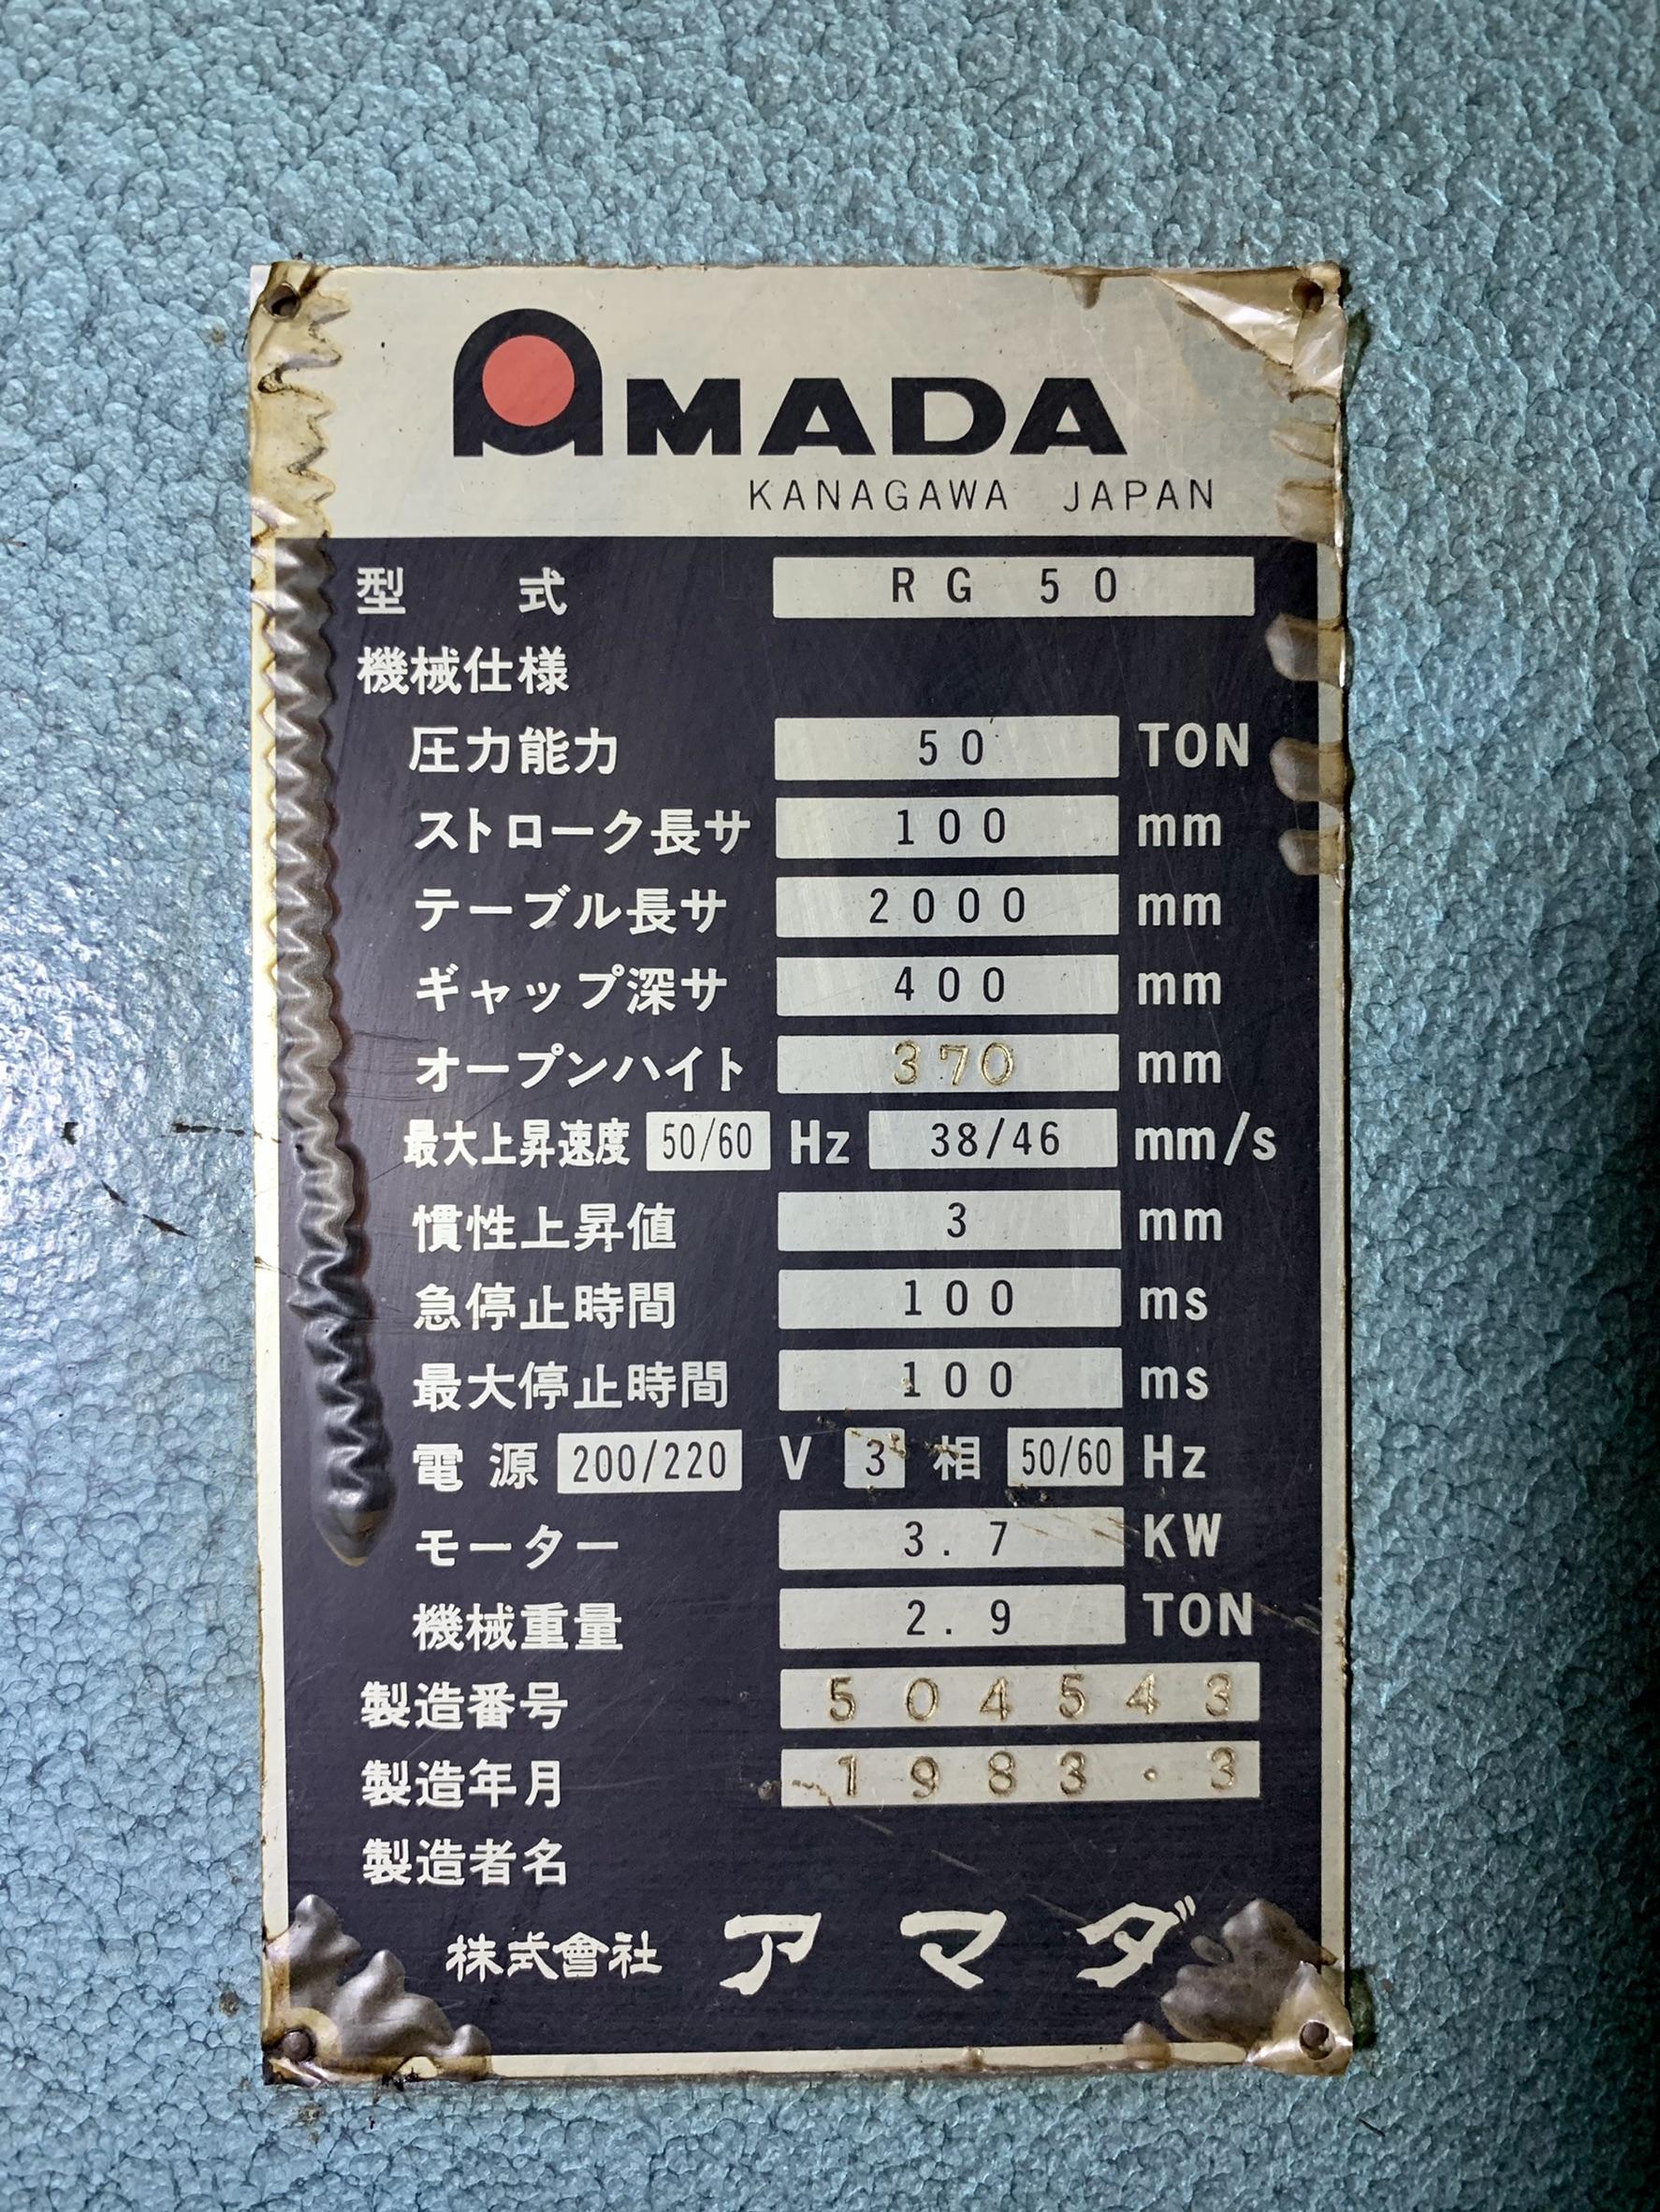 アマダ_RG-50_2000mm油圧ベンダー